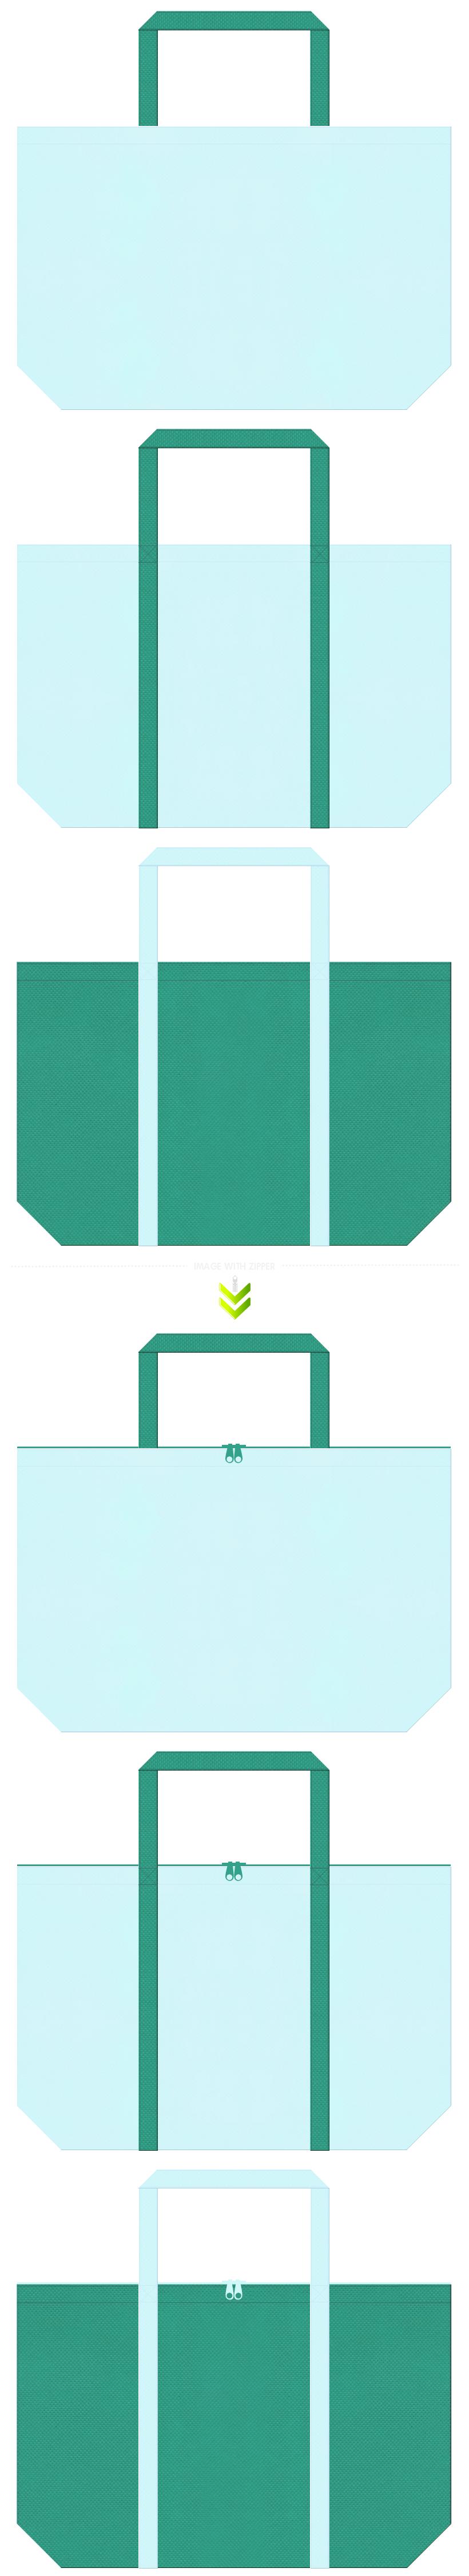 水色と青緑色の不織布エコバッグのデザイン。石鹸・洗剤・バス用品・クリーニングにお奨めの配色です。